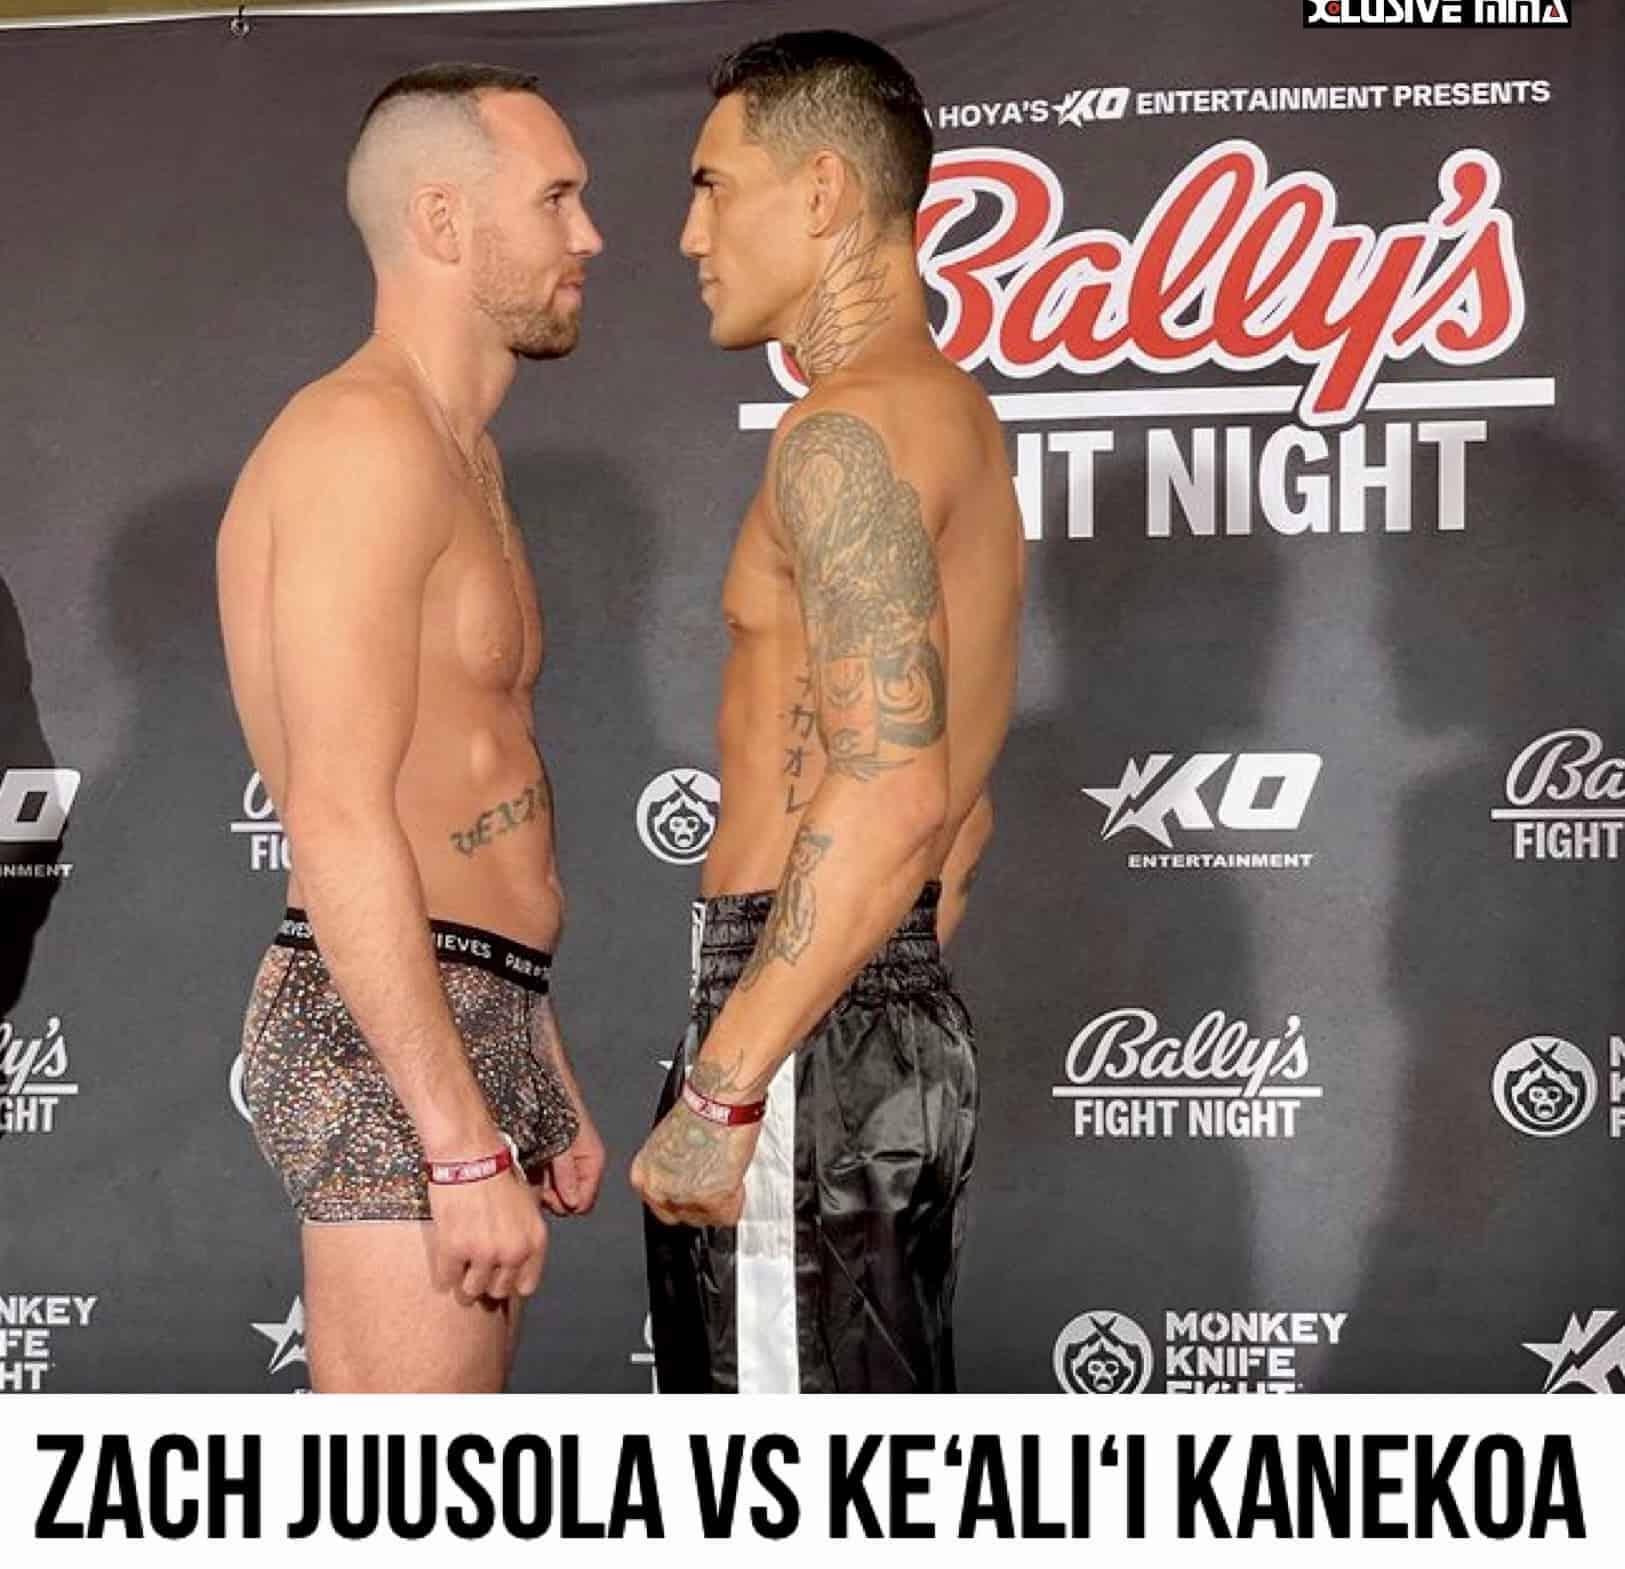 Zach Juusola vs. Ke'ali'i Kanekoa